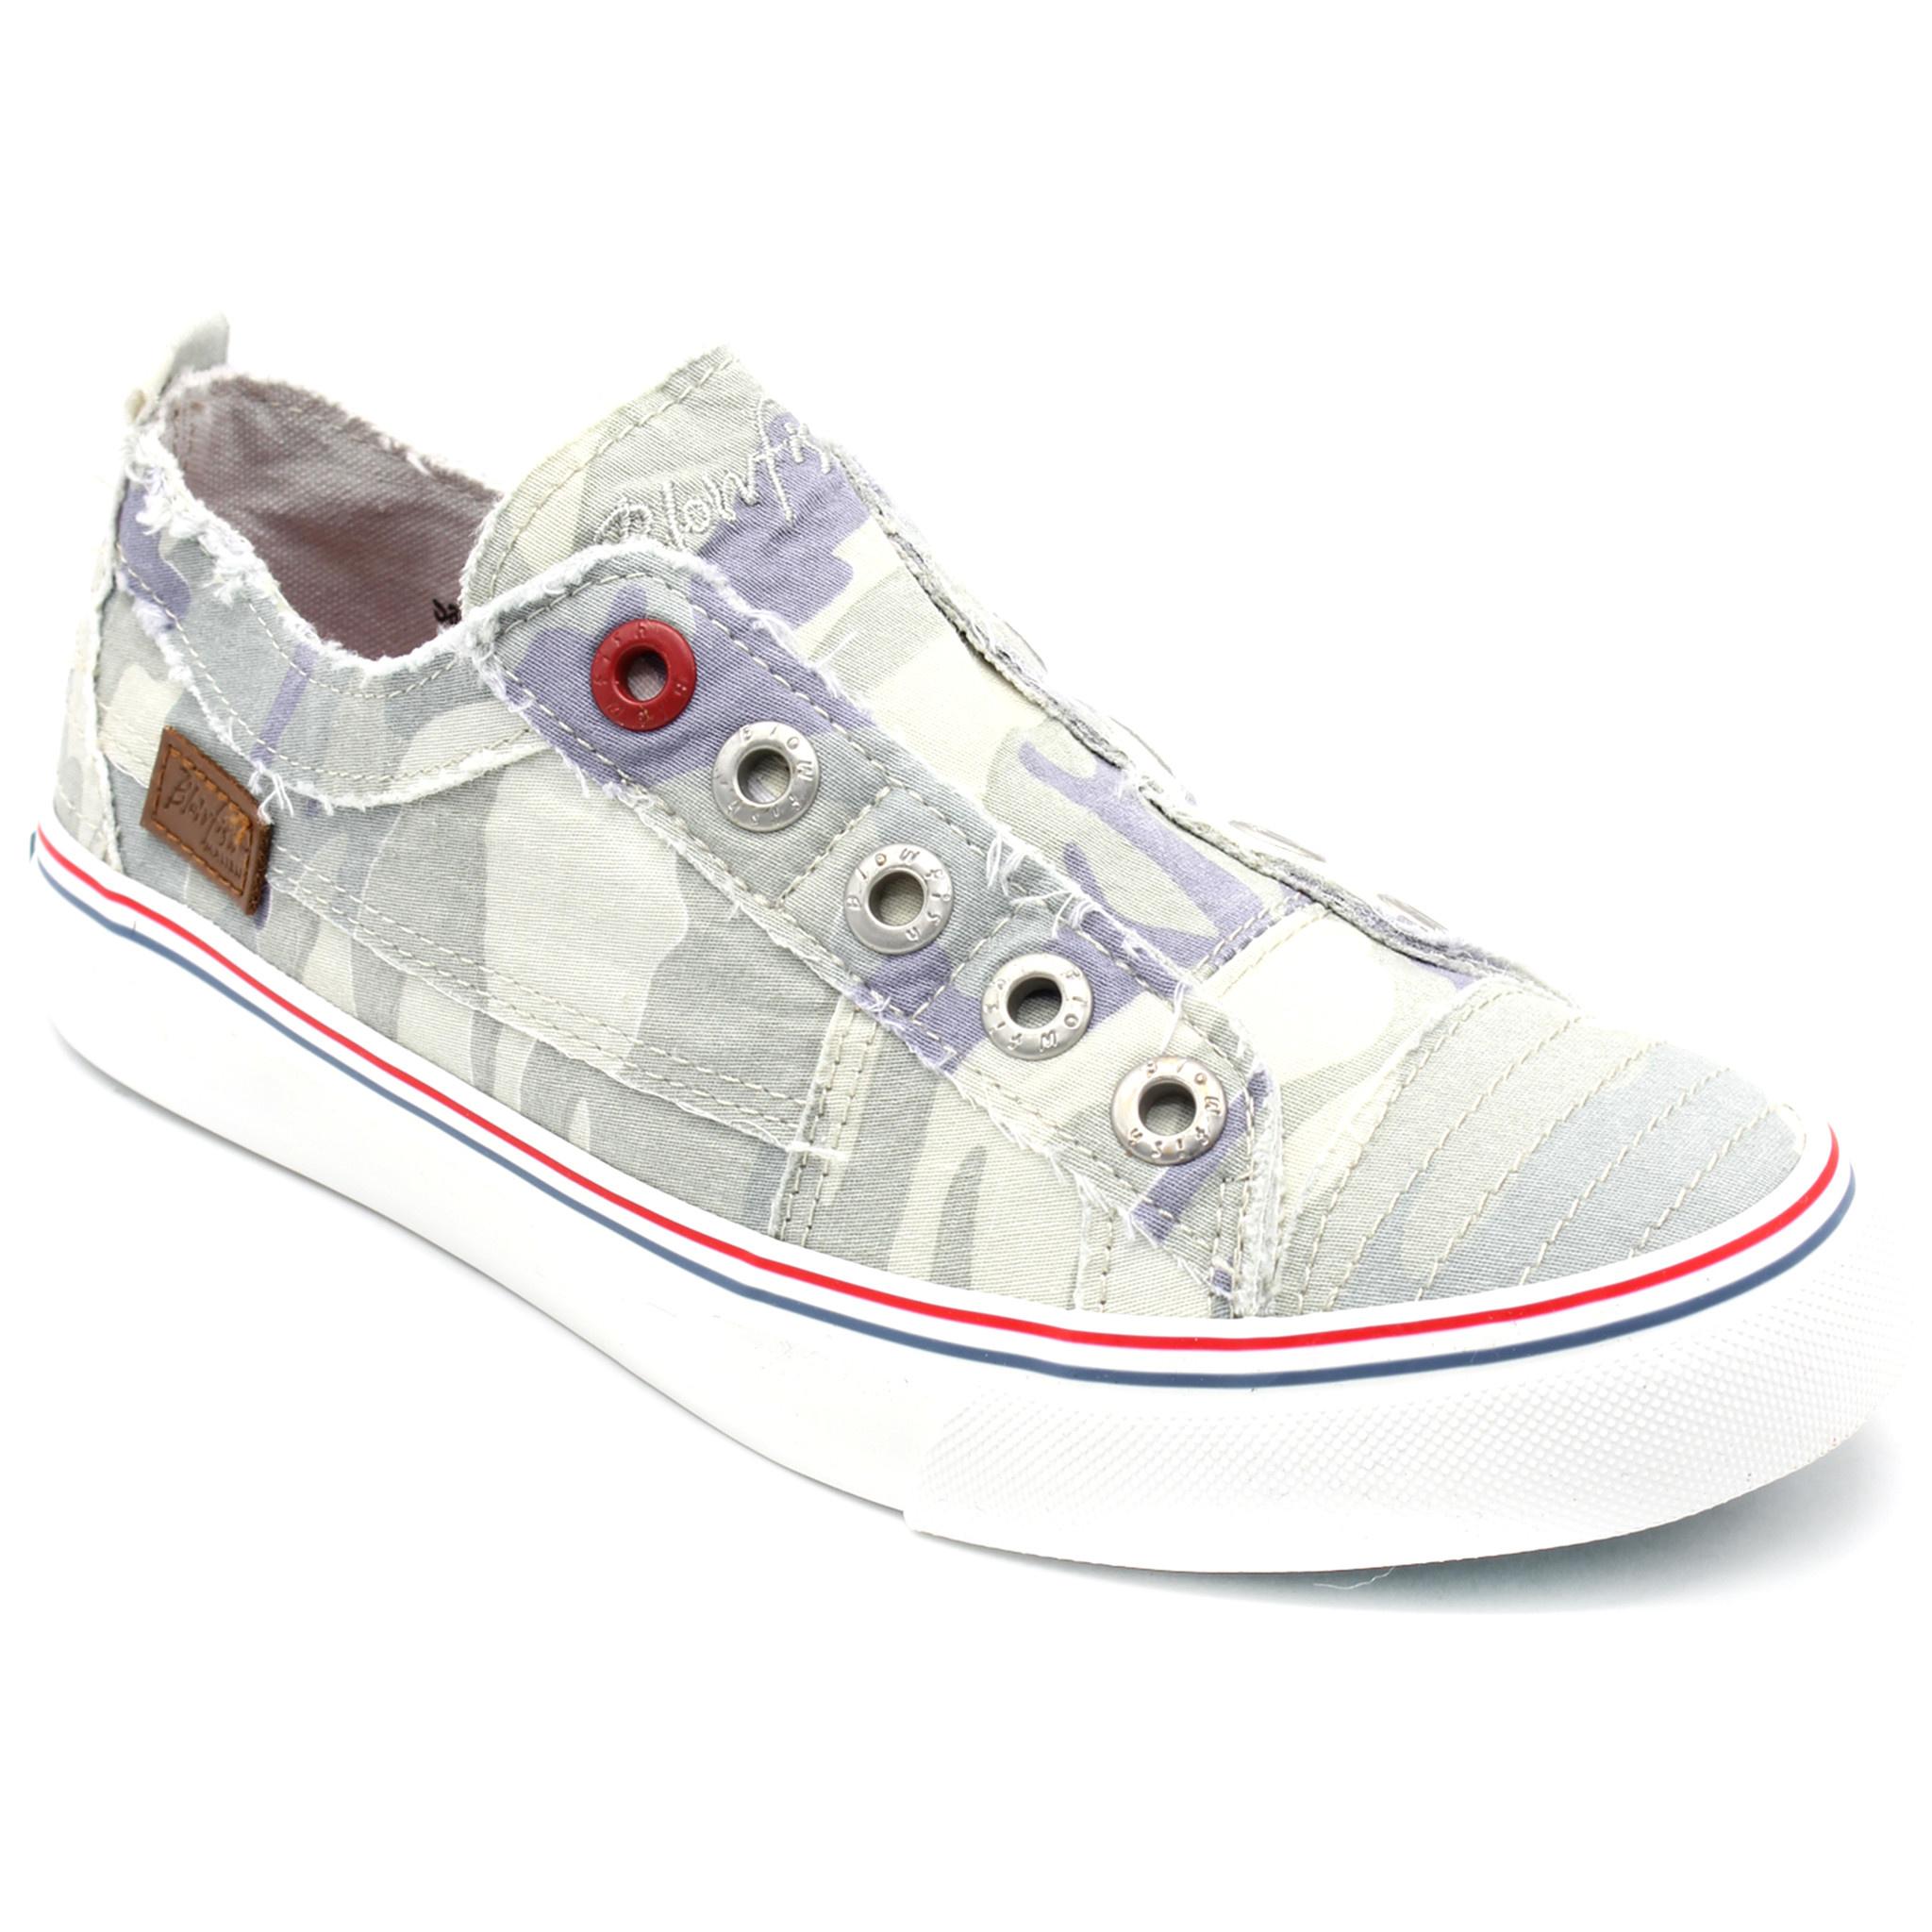 Blowfish Malibu Blowfish Play Canvas Sneaker